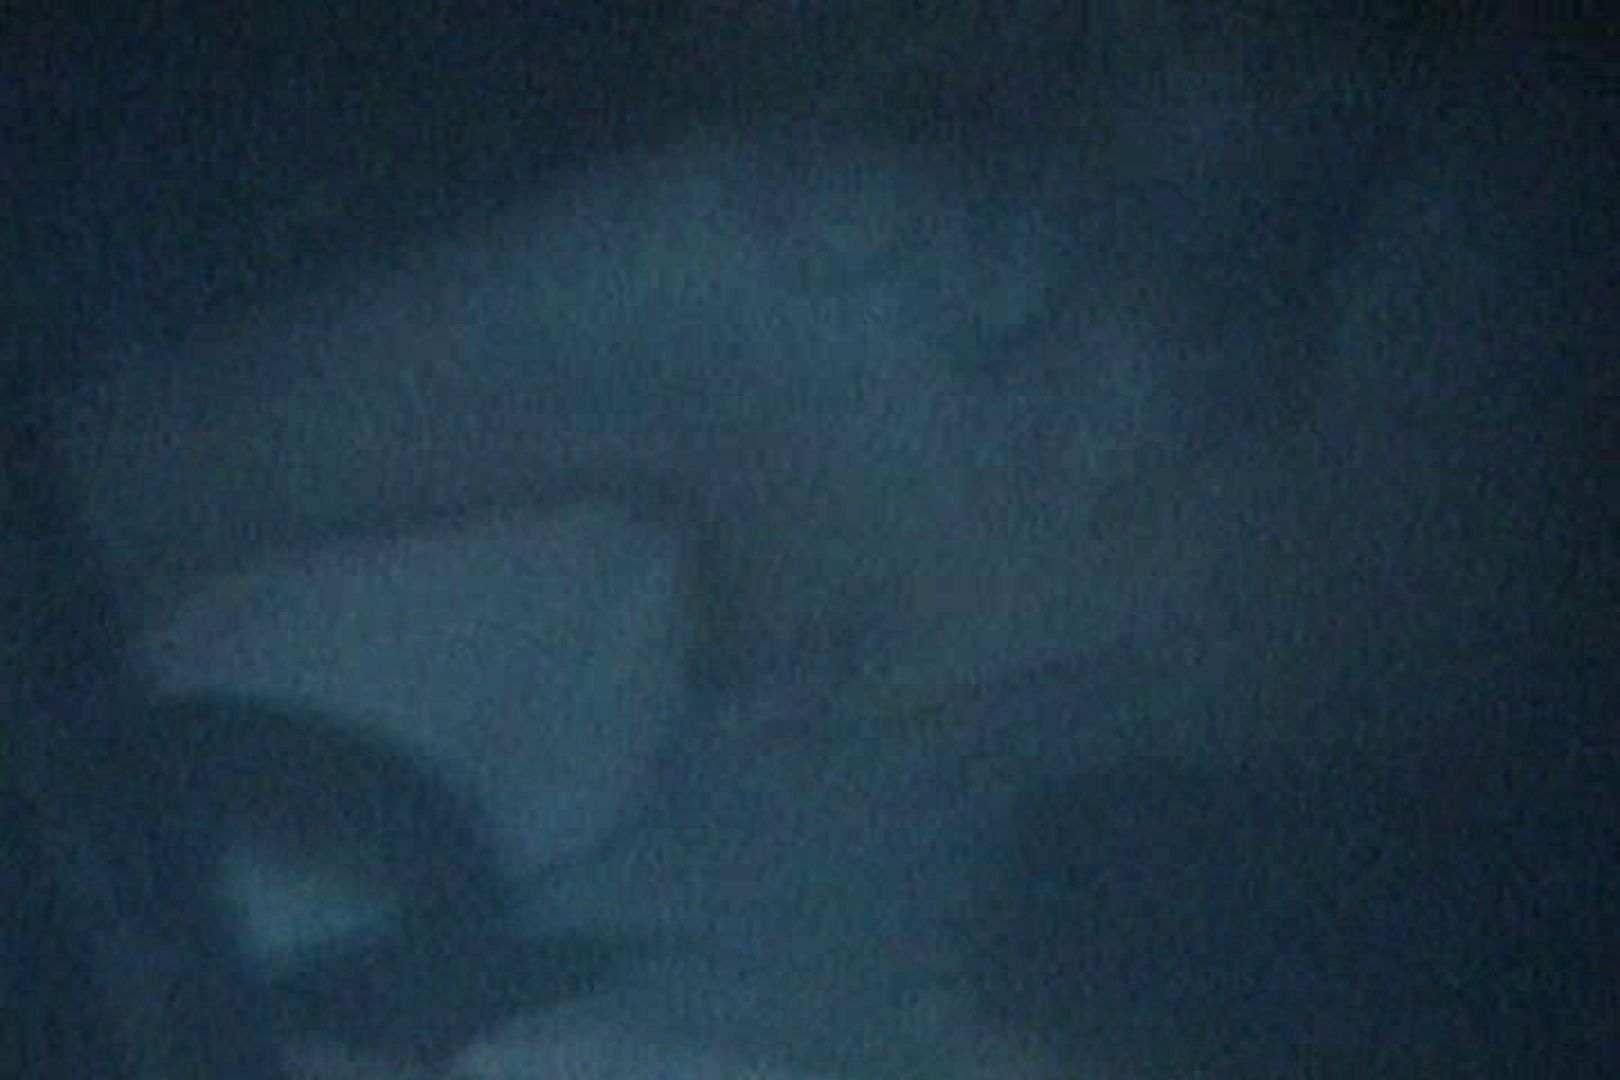 充血監督の深夜の運動会Vol.146 ハプニング SEX無修正画像 95連発 68